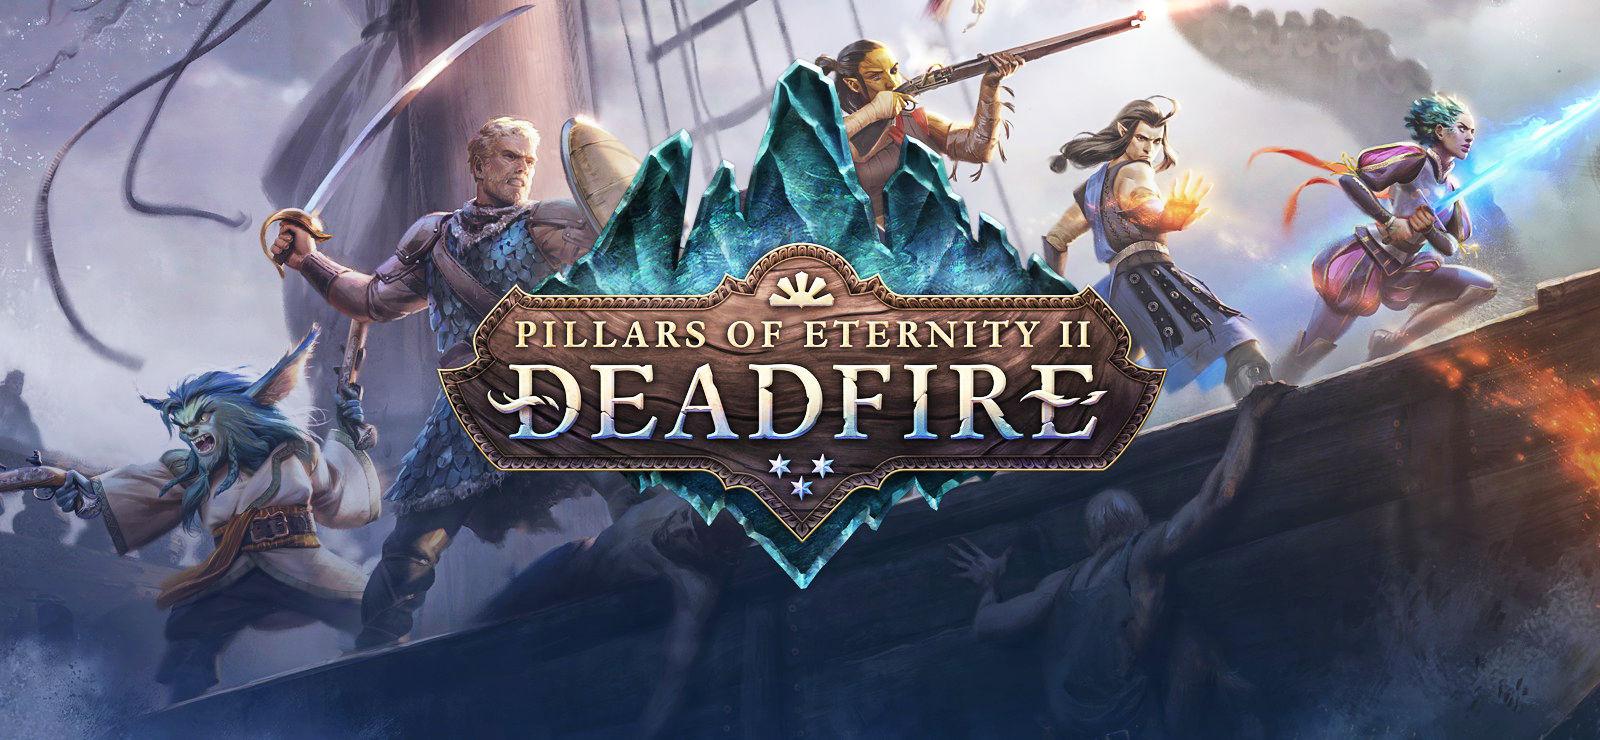 Pillars of Eternity II 2: Deadfire (Steam) RU/CIS